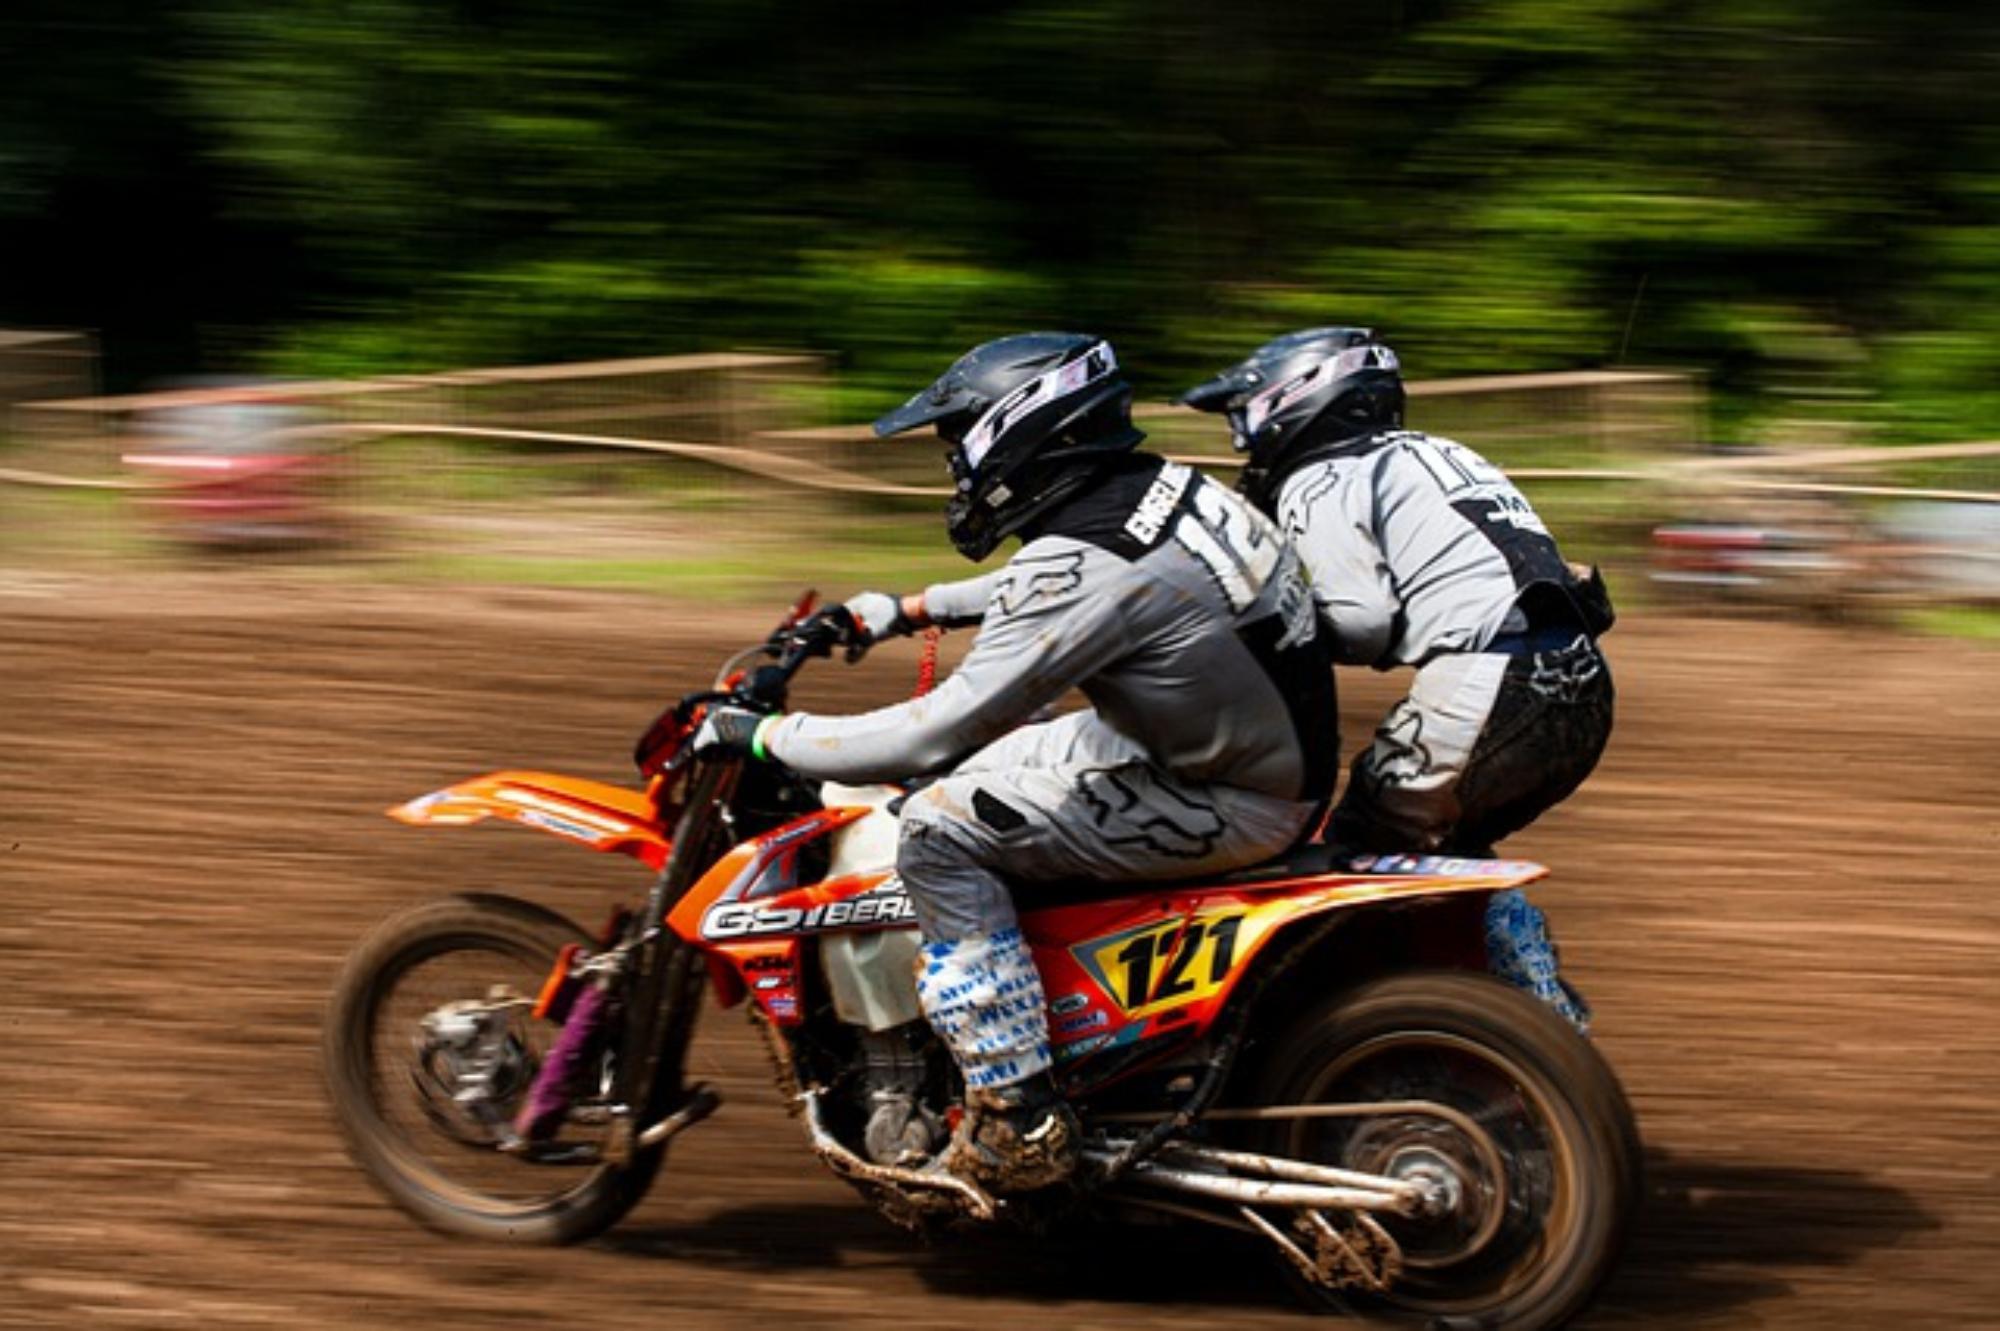 Najlepsza kurtka motocyklowa turystyczna – na co zwrócić uwagę?